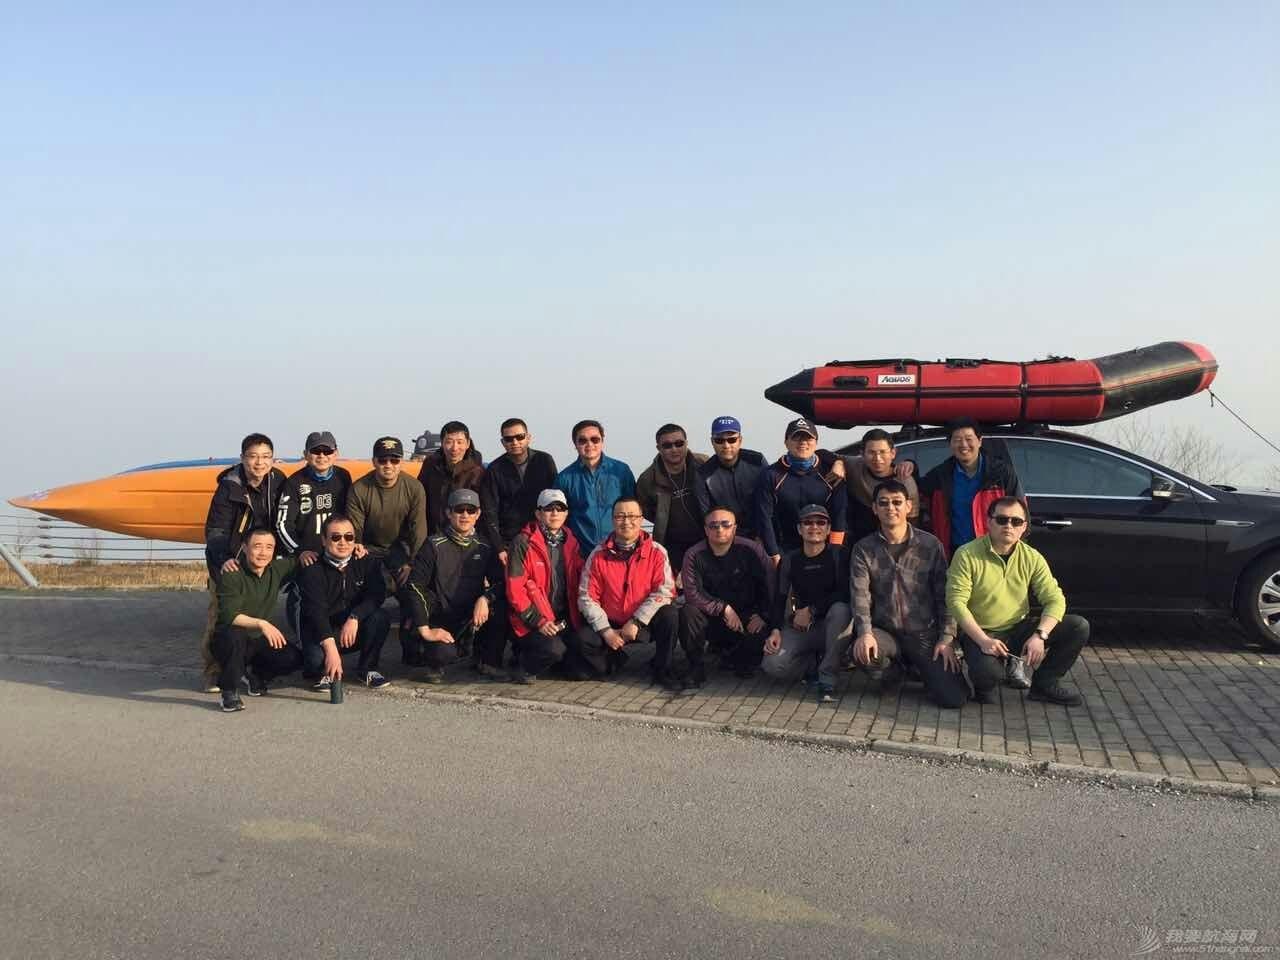 皮划艇,无锡,太湖 无锡君雅皮划艇22人同时穿越太湖贡湖湾 mmexport1456571624055.jpg